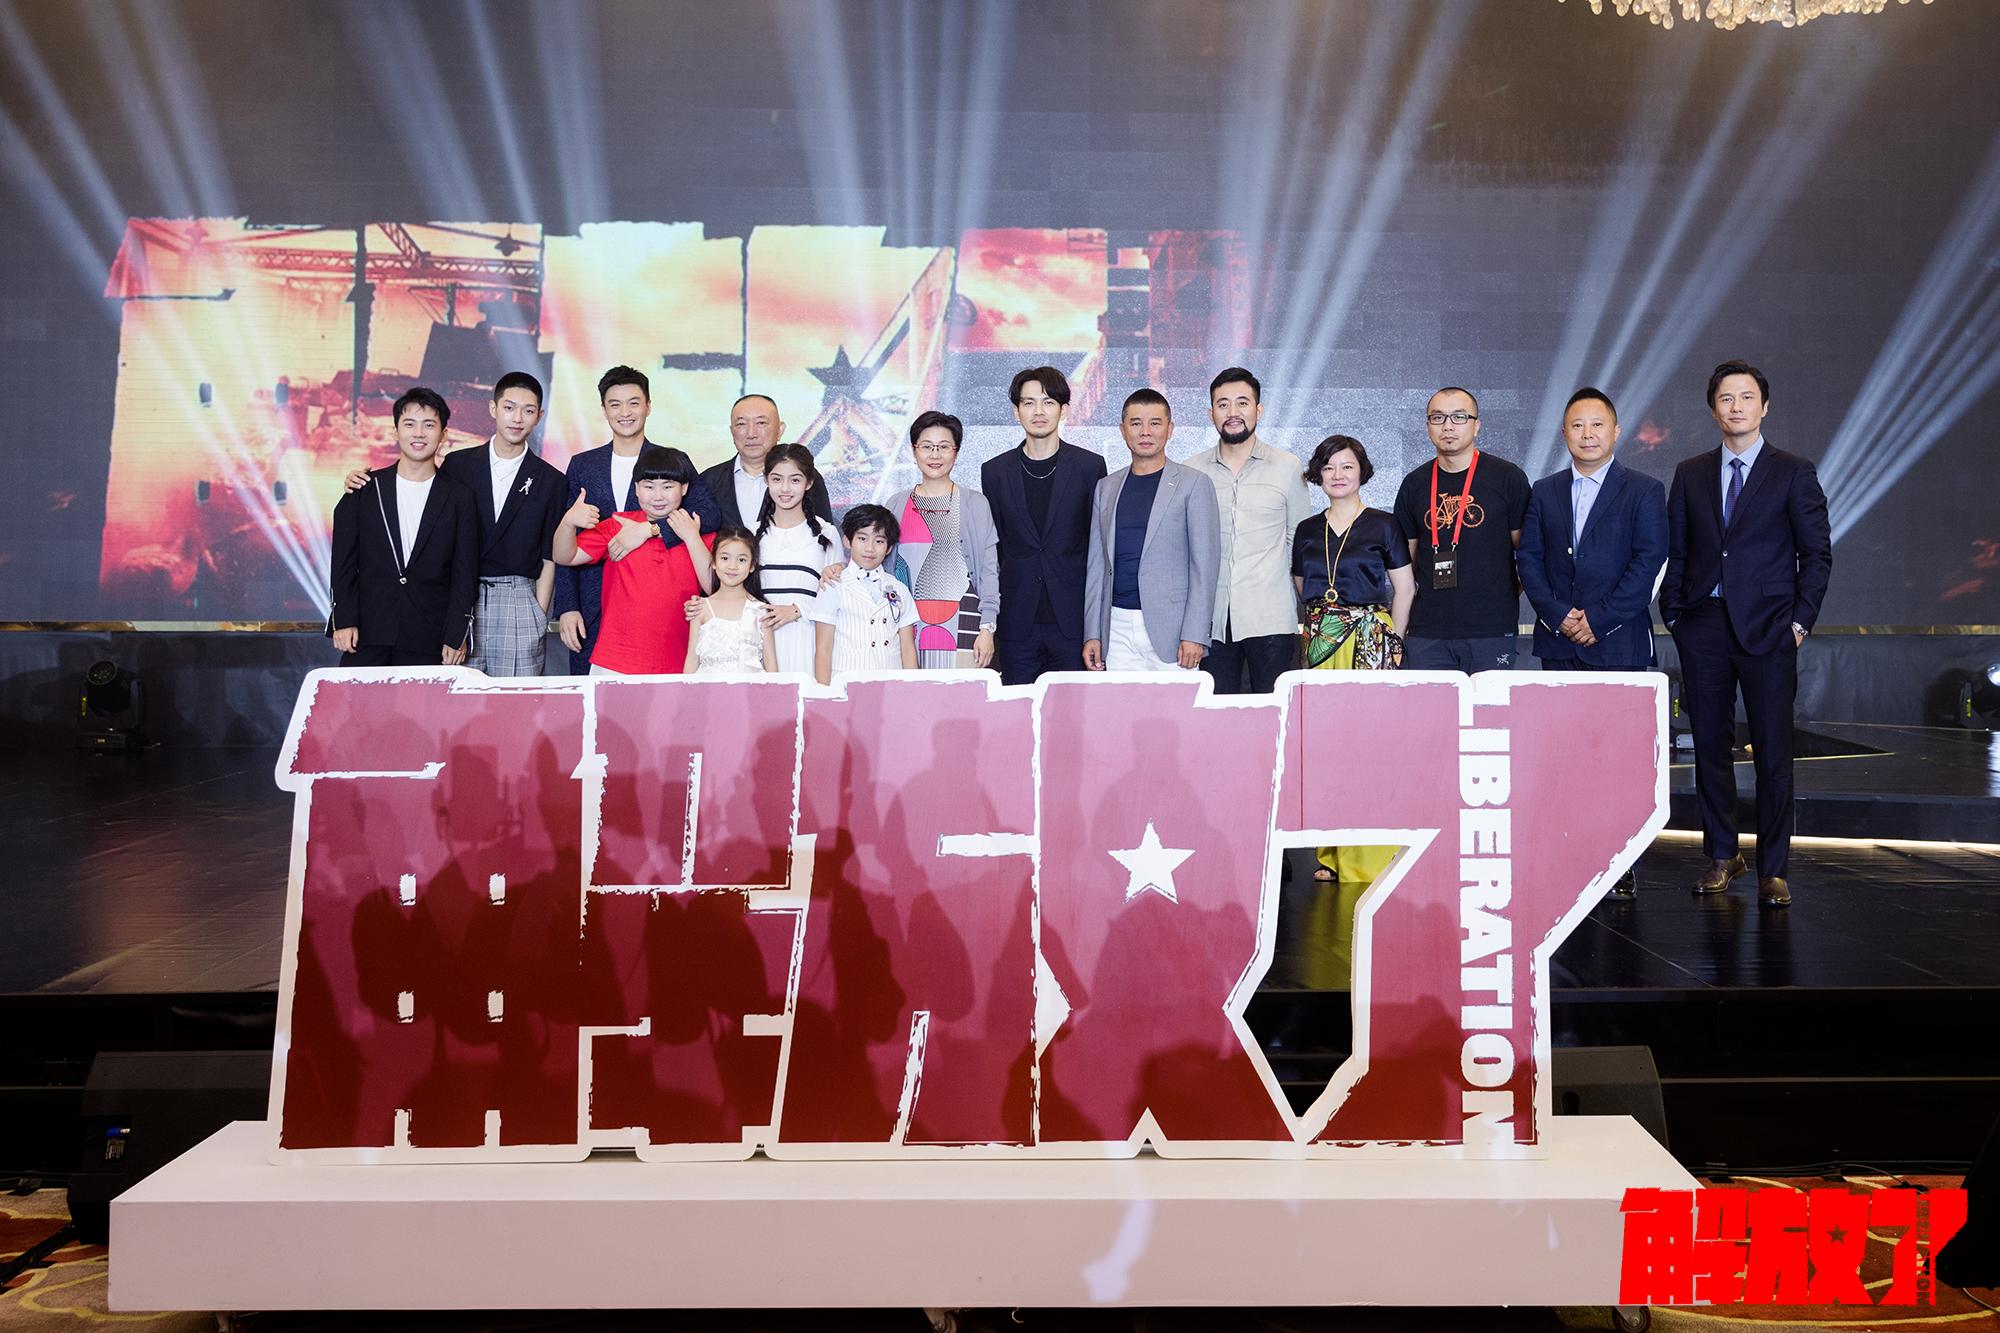 万达影视《解放了》在上海举办发布会